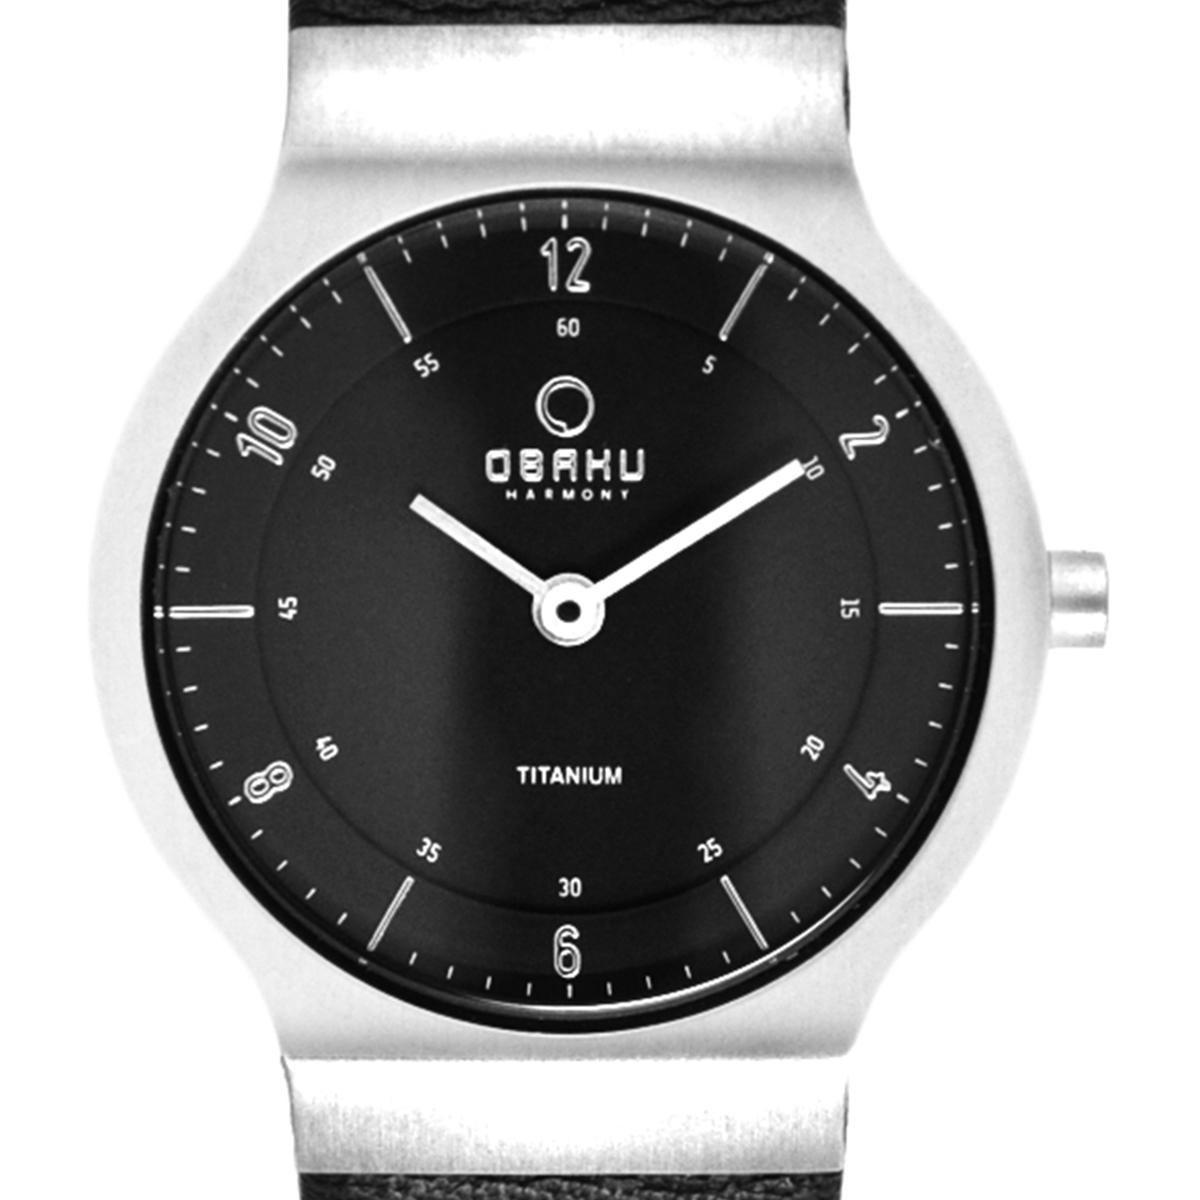 【残り1点】OBAKU オバック クォーツ 腕時計 デンマーク シンプル 薄型 ファッション [V133STBRB] 並行輸入品 純正ケース メーカー保証